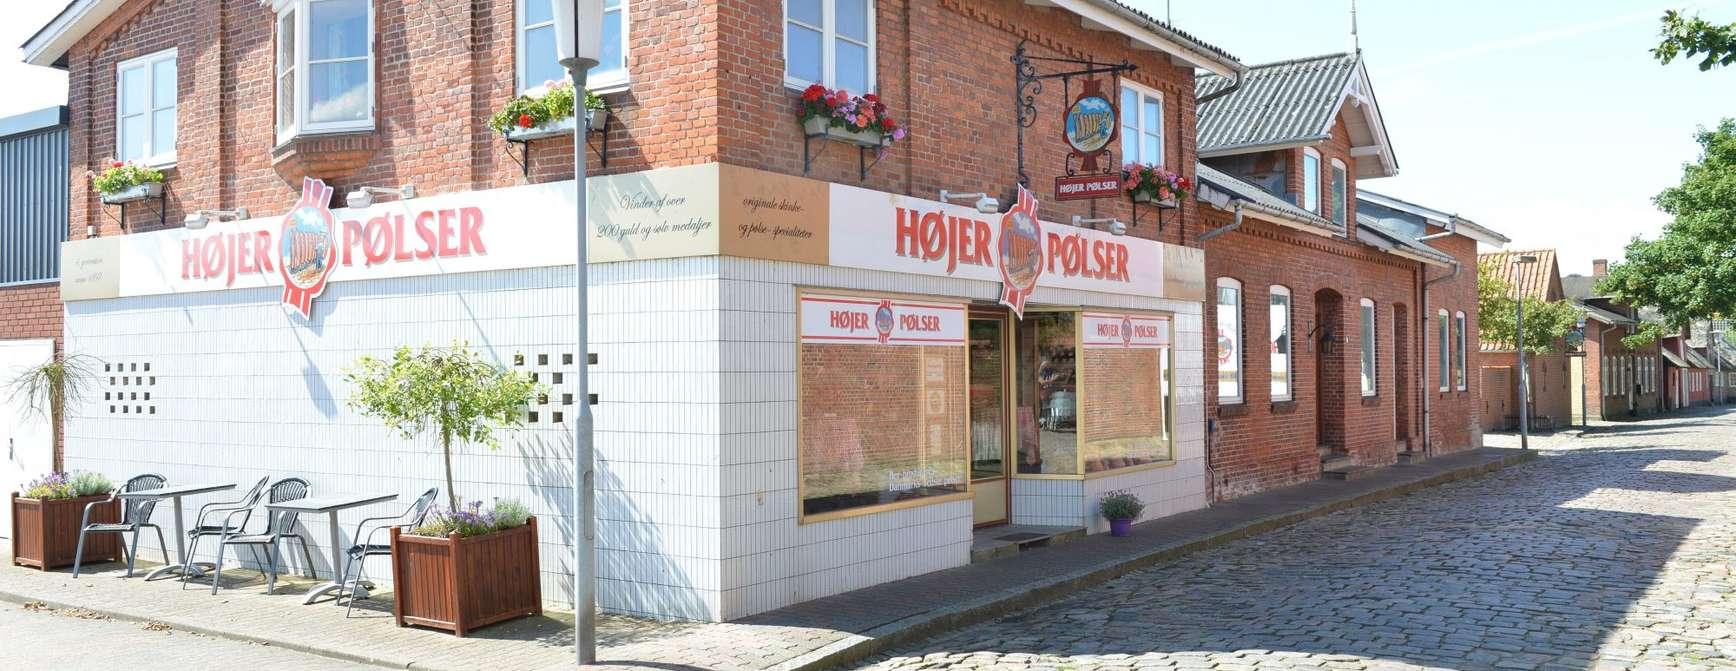 Pølser i lange baner: I en trivelig liten gate i den danske byen Højer, finner du Højer Pølser. Om du er glad i pølser, er dette stedet å besøke når du skal på tur til Danmark. Foto: Fjord Line